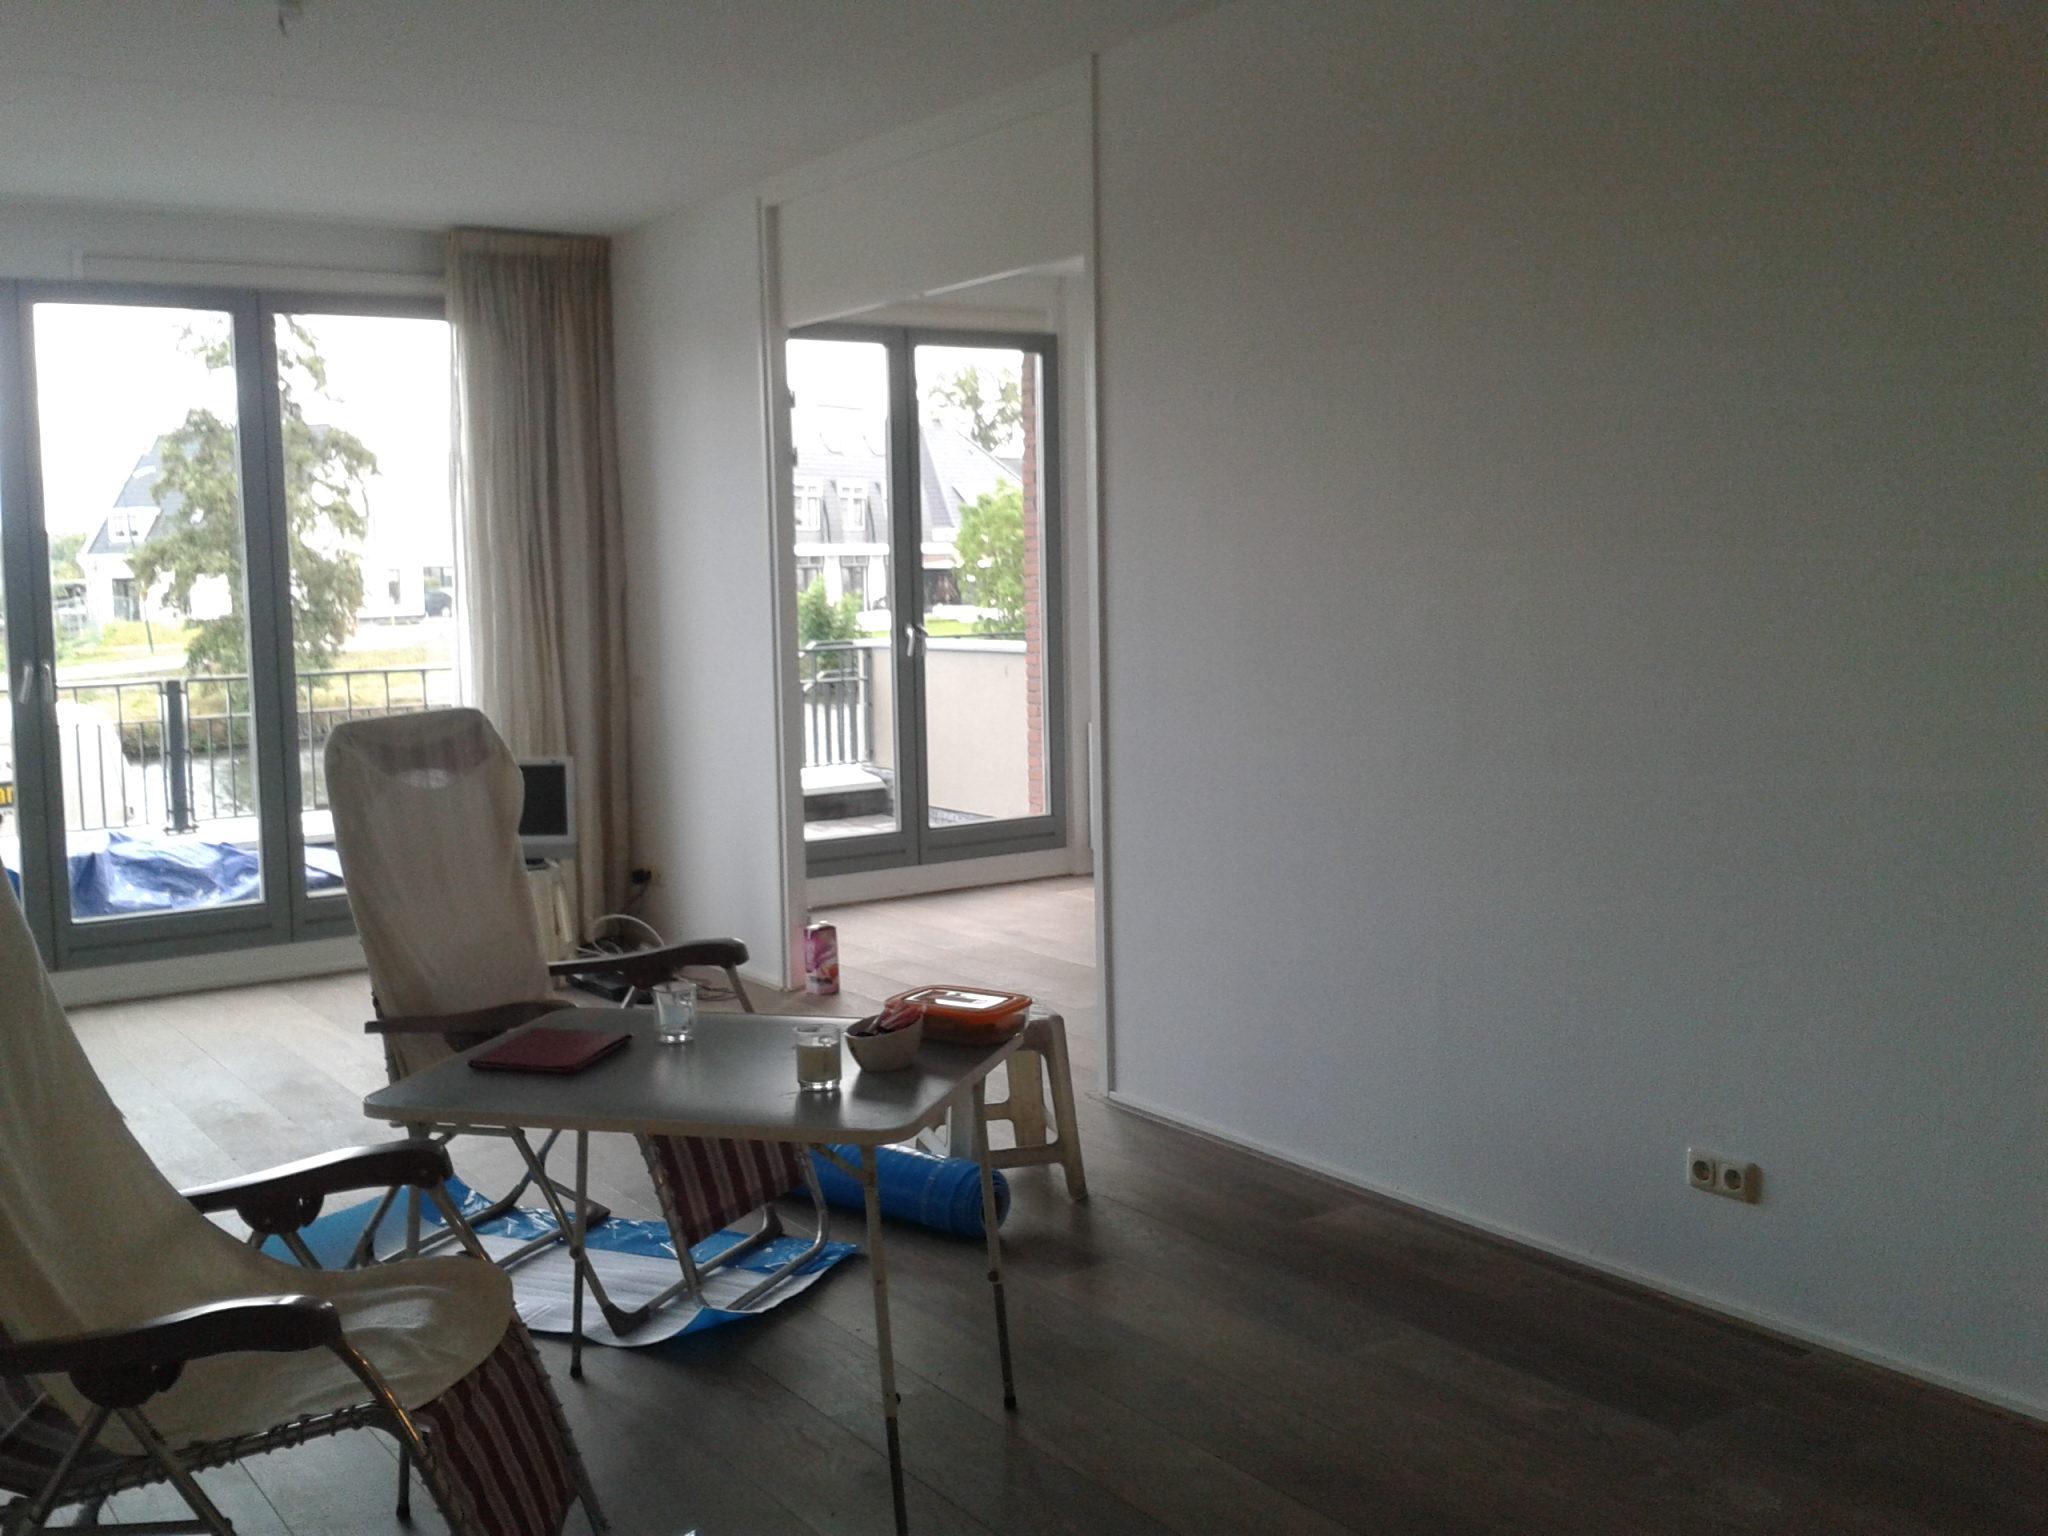 Pvc Vloeren Utrecht : Houten vloeren utrecht vloermarkt